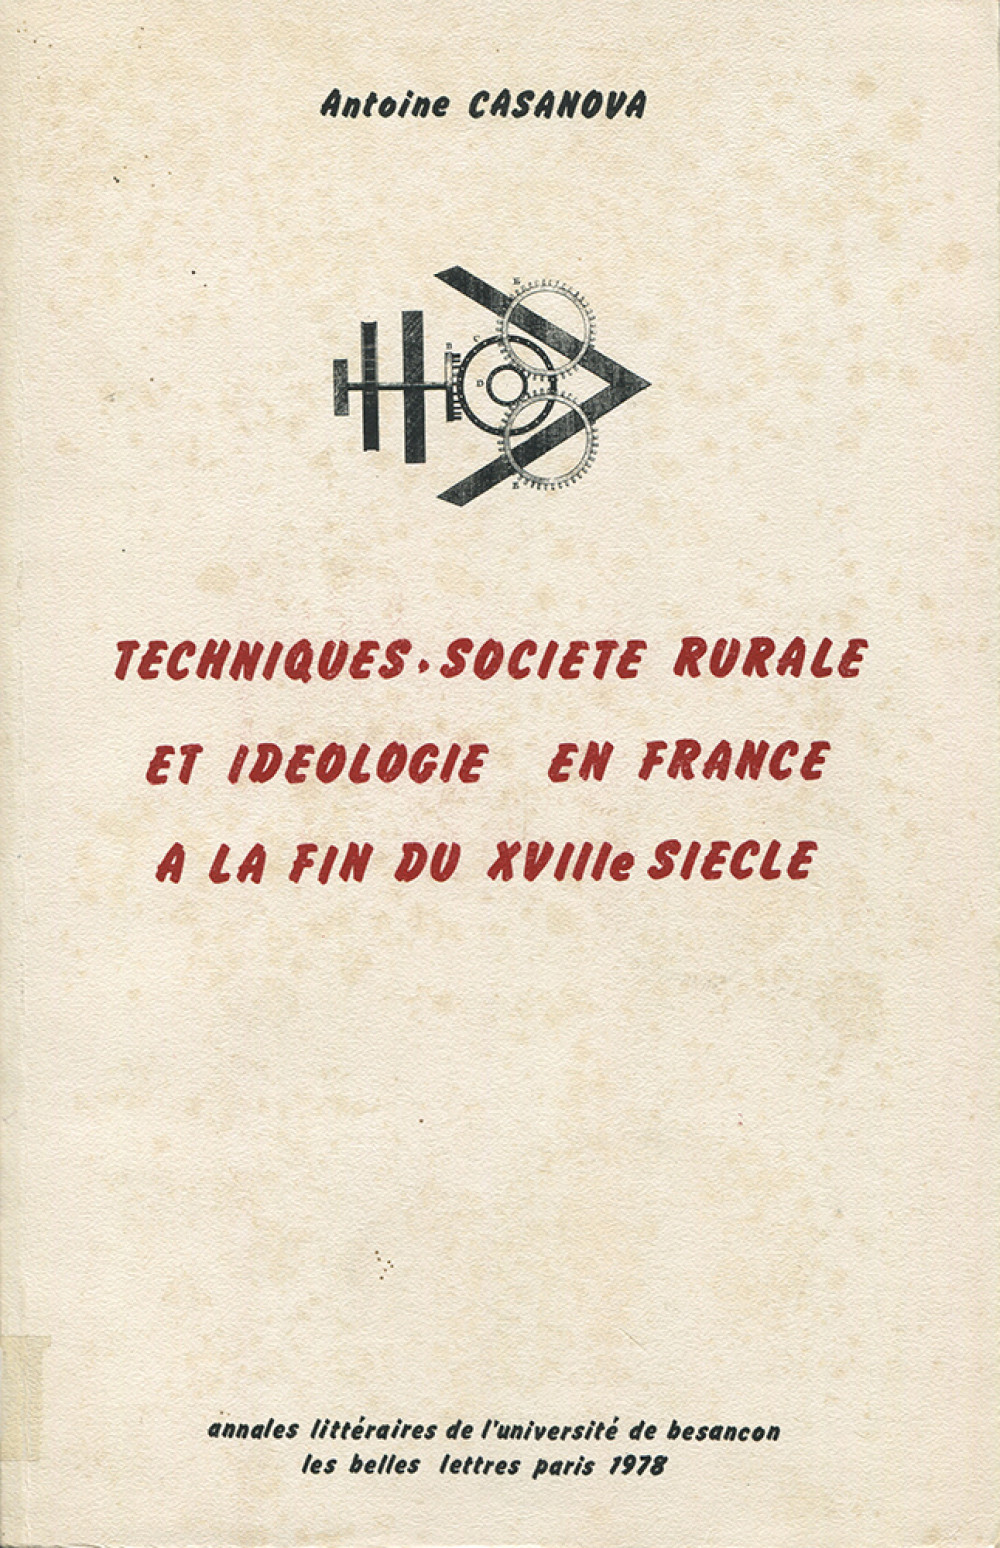 """Techniques, société rurale et idéologie en France à la fin du <span style=""""font-variant: small-caps"""">XVIII</span><sup>e</sup> siècle"""